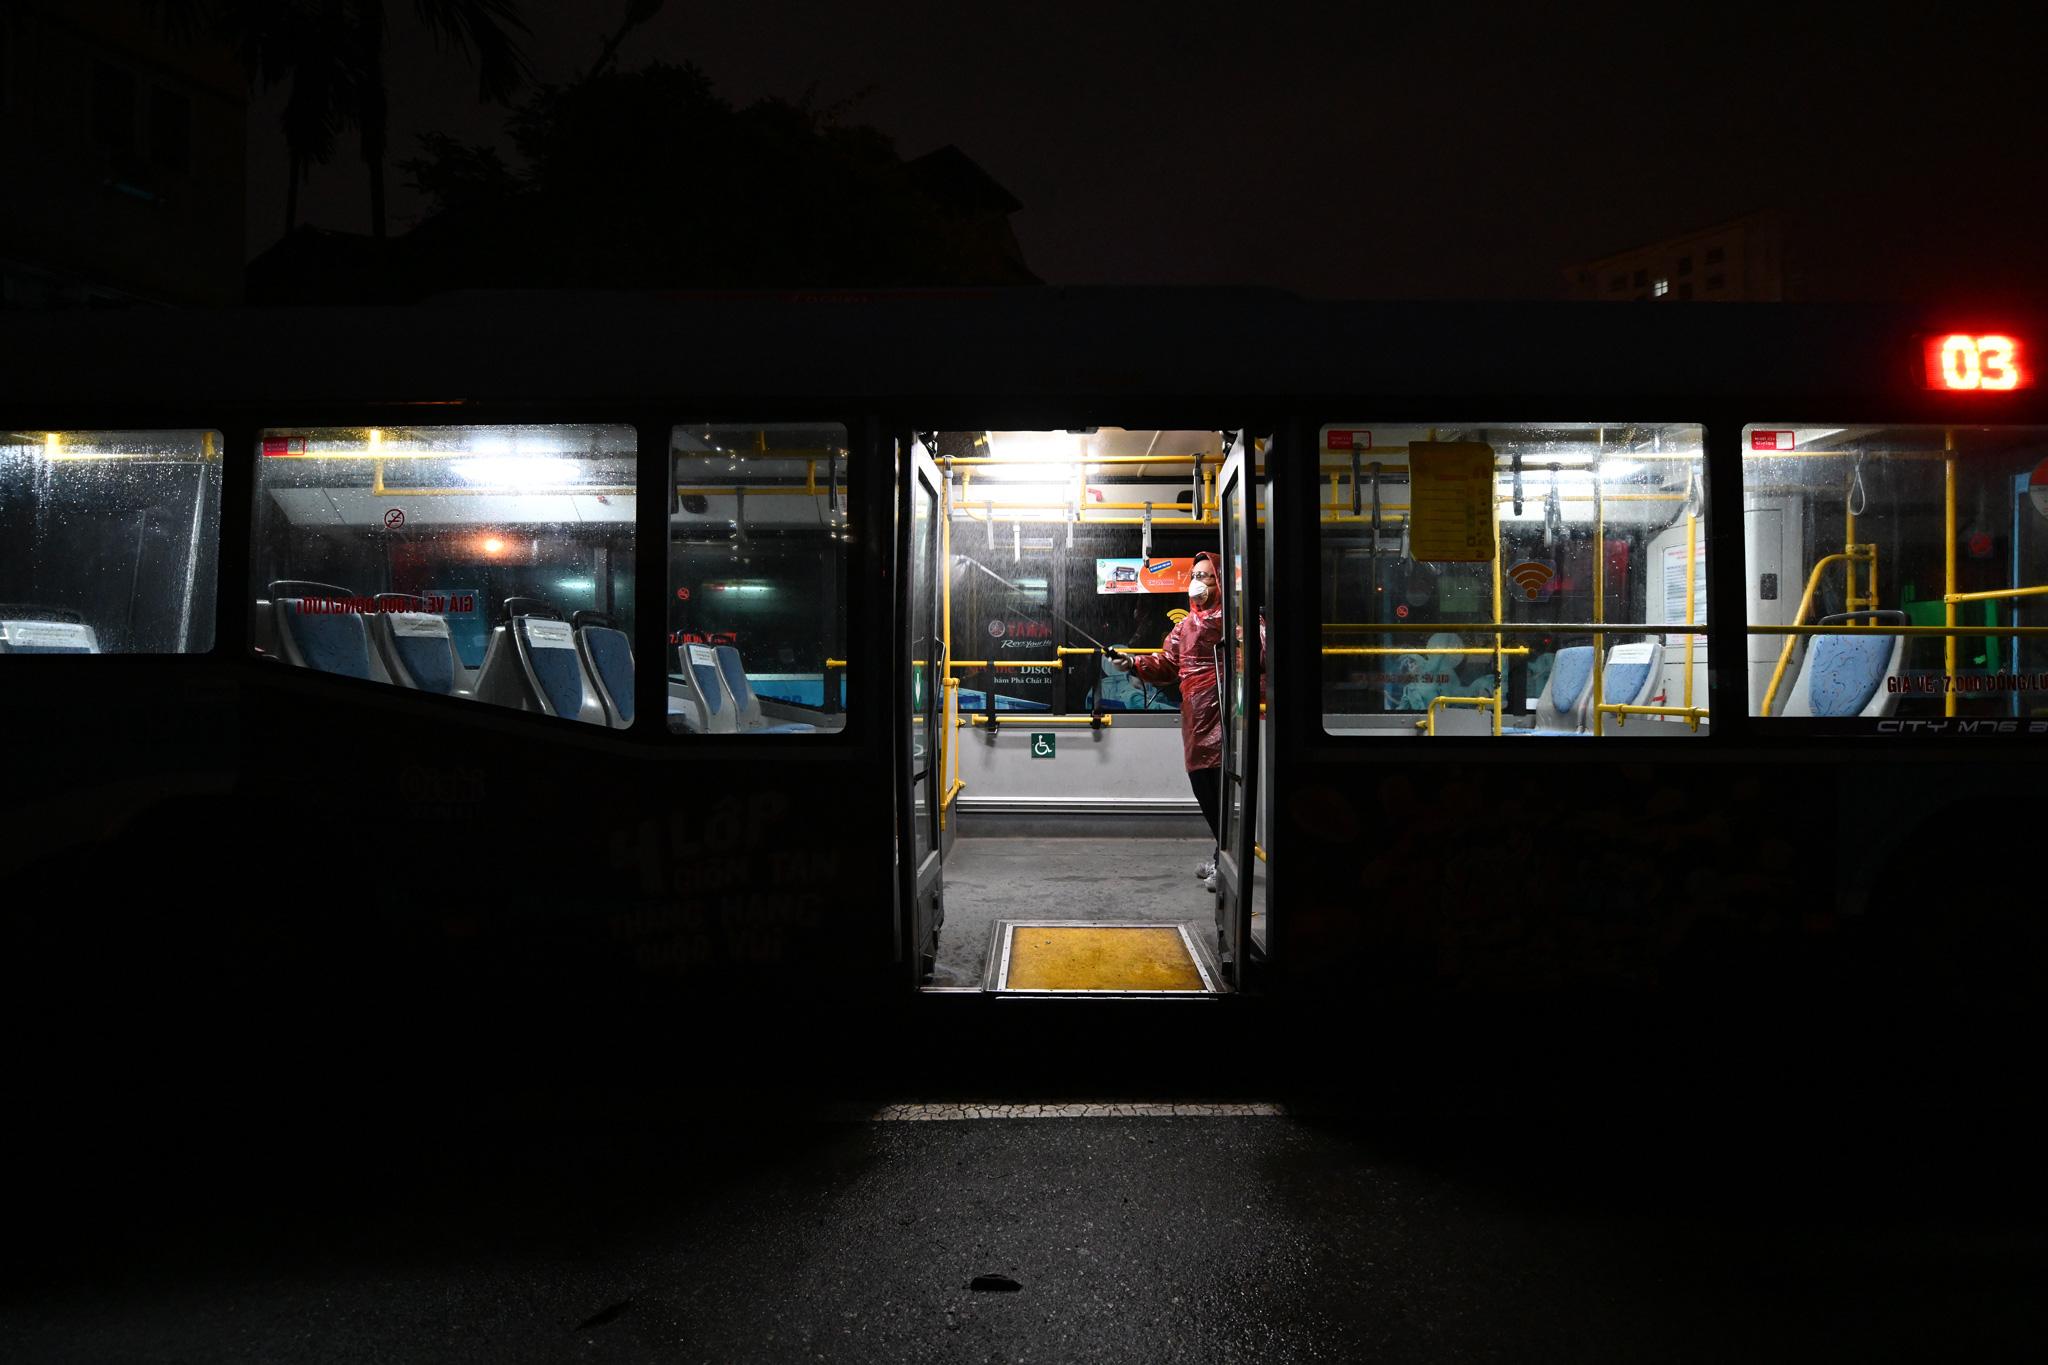 [ẢNH] Vẻ đẹp của gần 200 xe buýt tập kết về bến xếp hàng trong đêm - Ảnh 13.